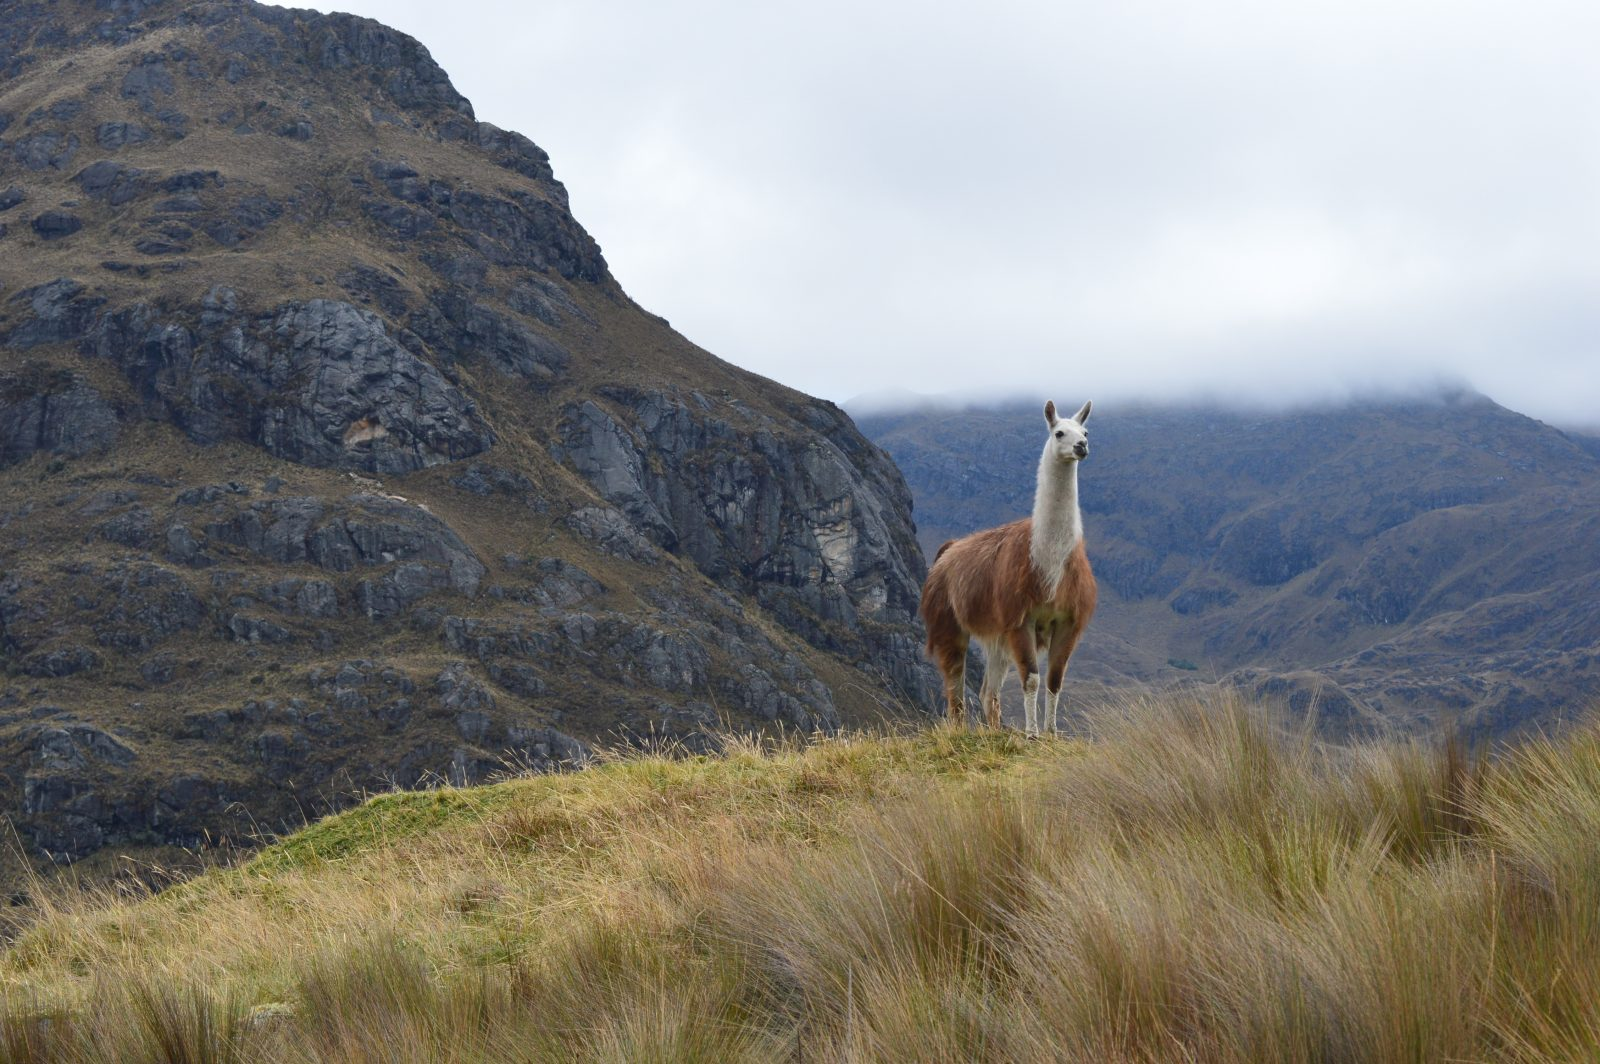 Ils choisissent une vie paisible en Équateur